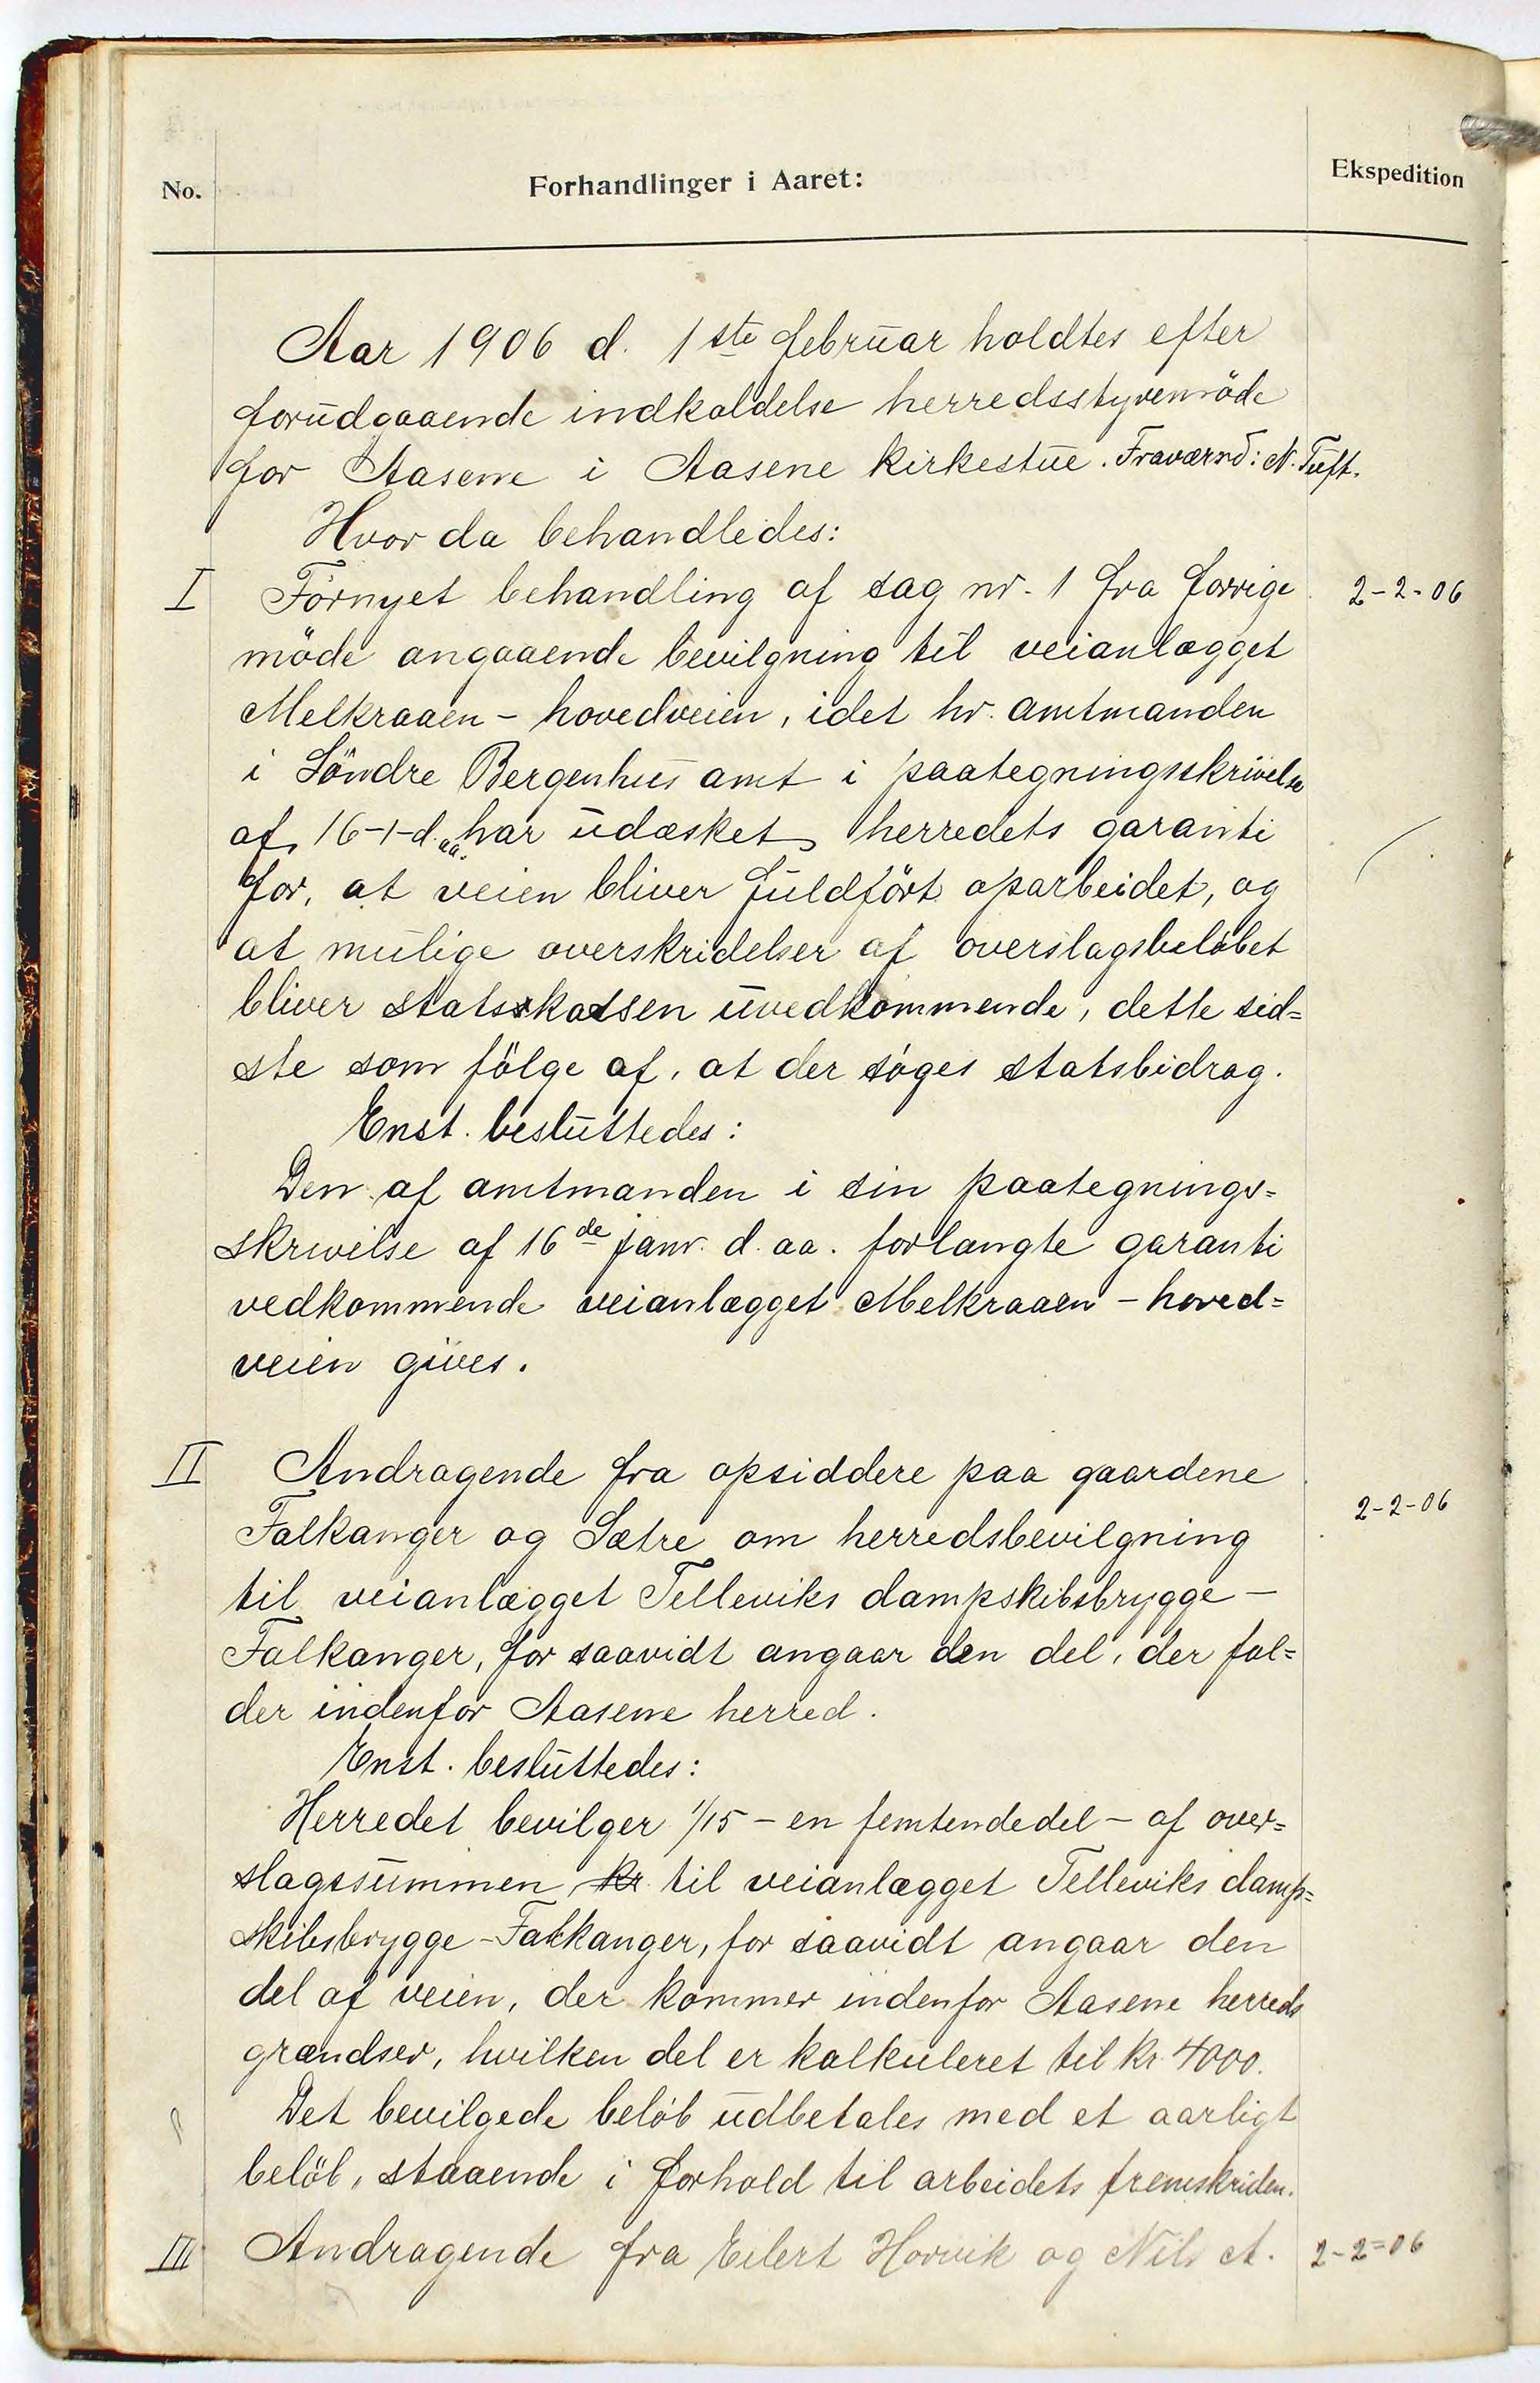 BBA, Åsane kommune. Formannskapet, A, 1904-1909, s. 33b